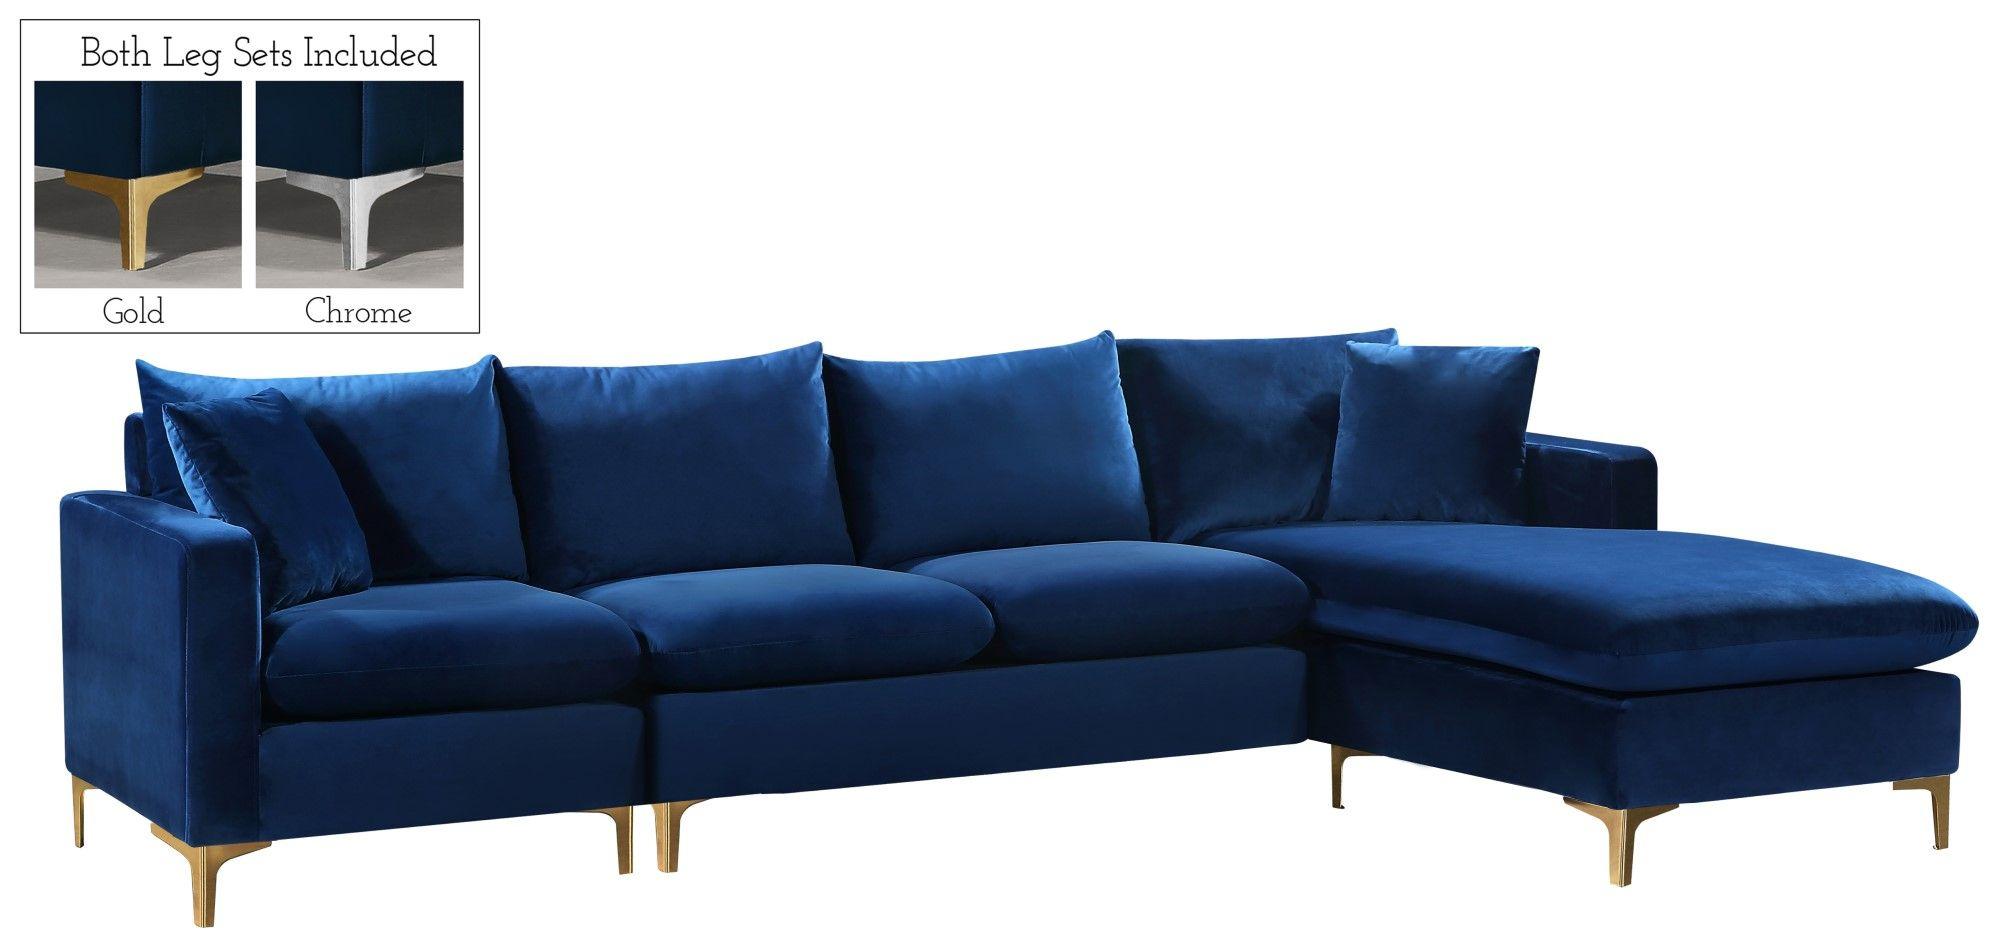 Selene Contemporary Plush Navy Blue Velvet Sectional Sofa Inside French Seamed Sectional Sofas In Velvet (View 13 of 15)